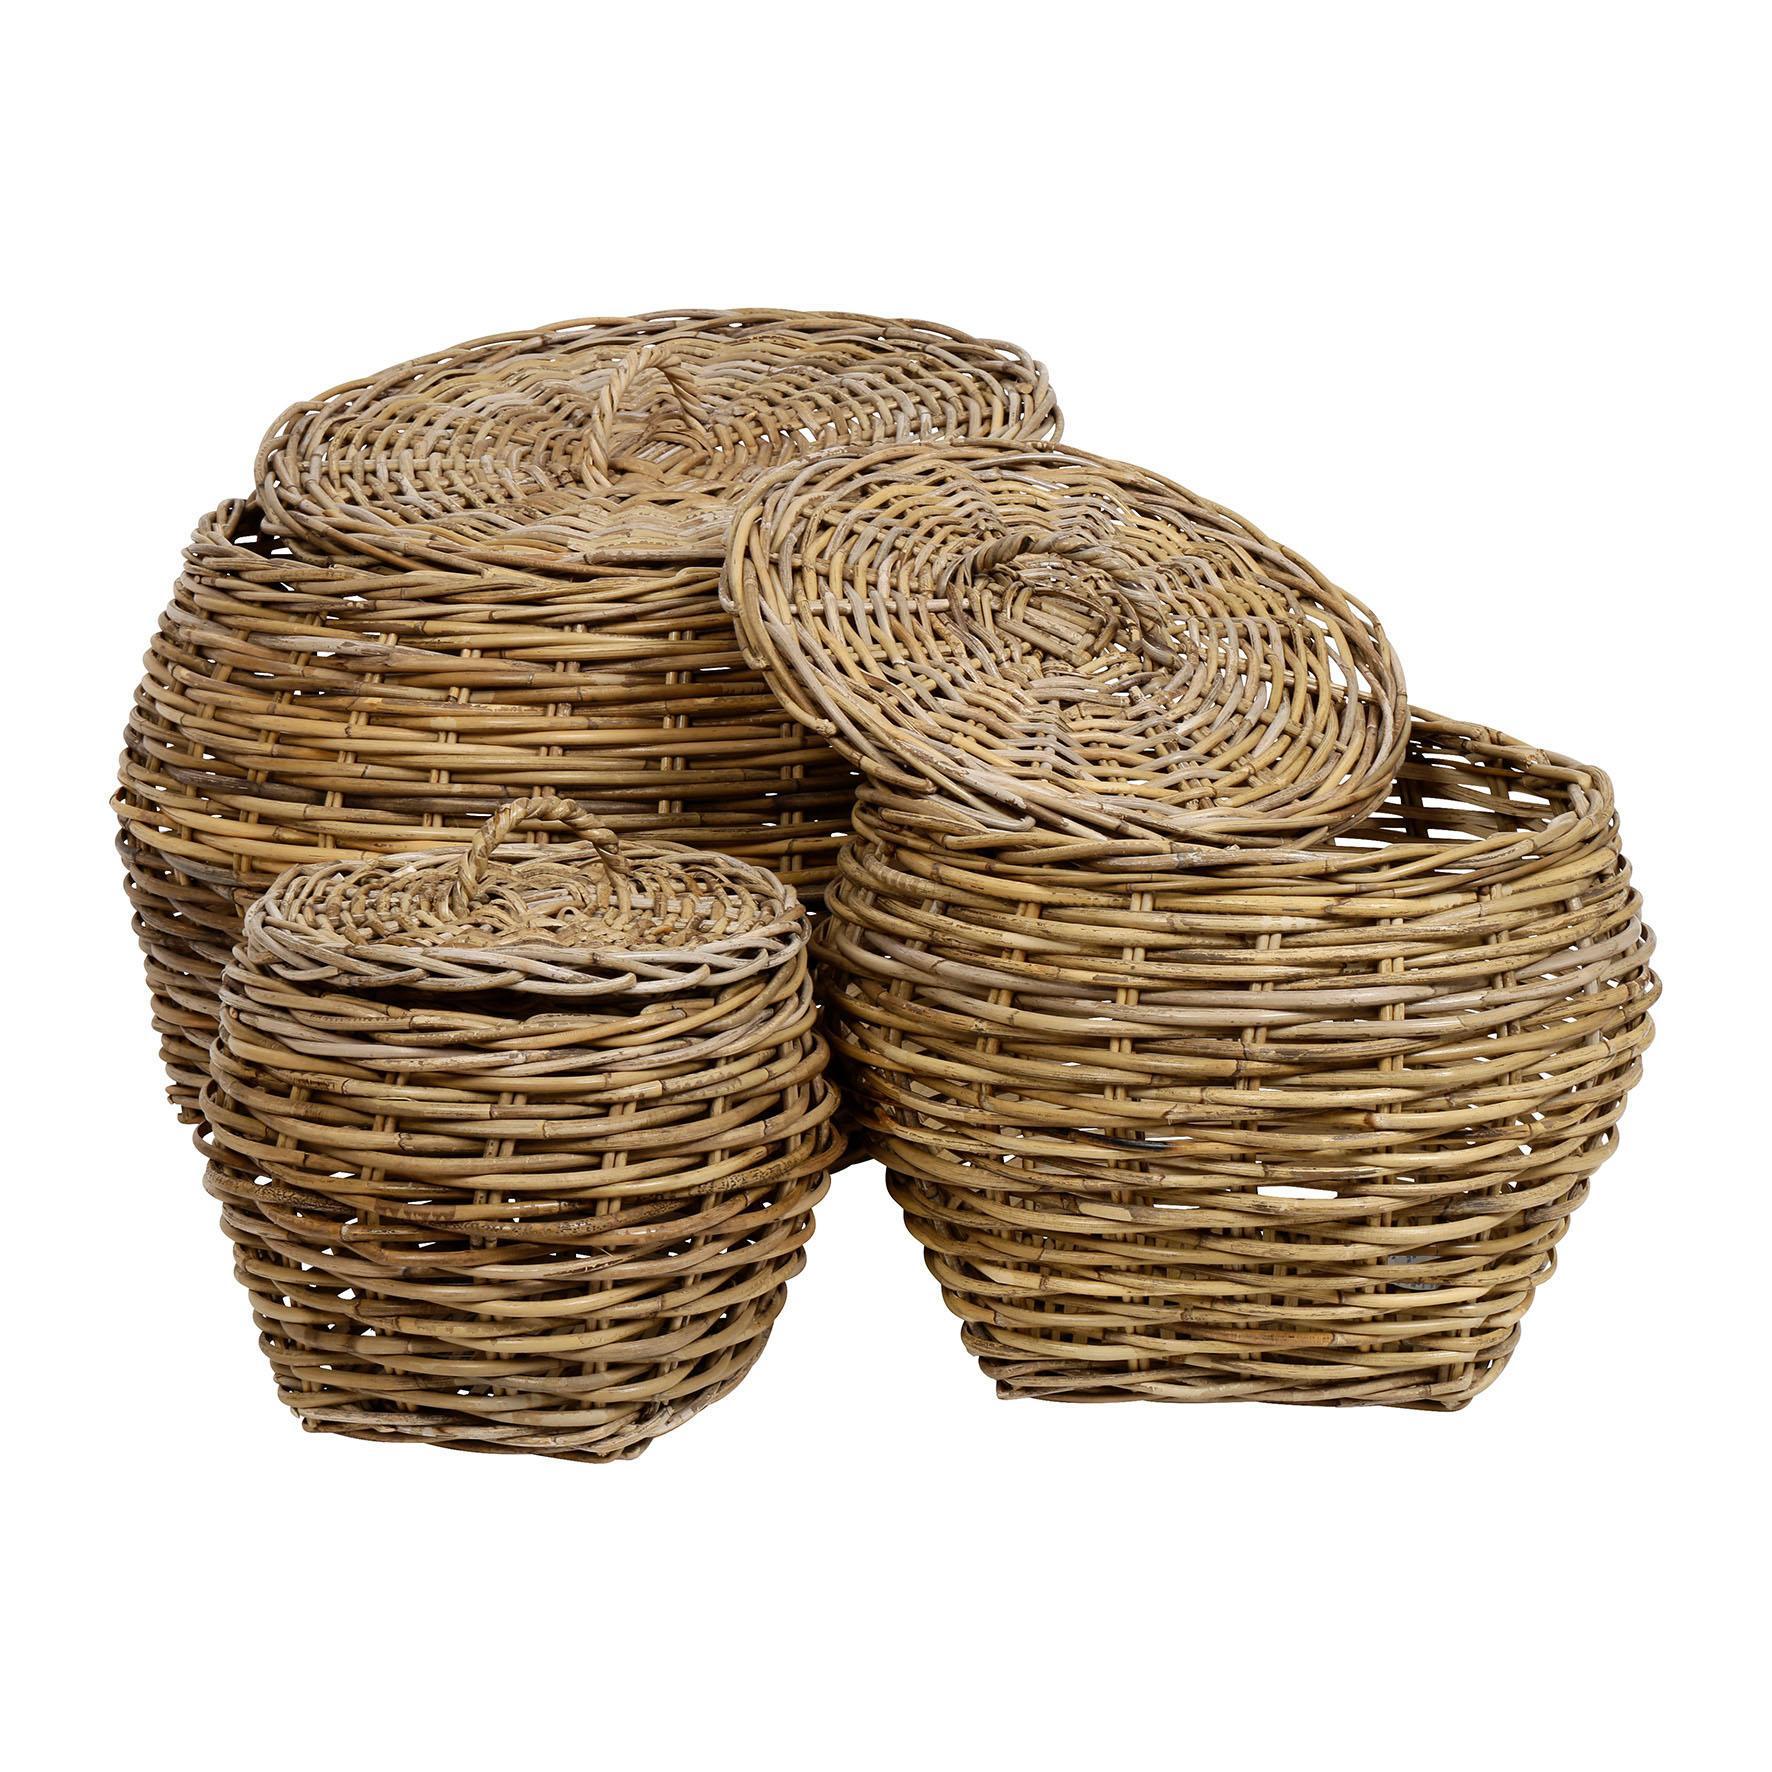 CÔTÉ TABLE Proutěný koš - Panier Grisé Velikost M, přírodní barva, dřevo